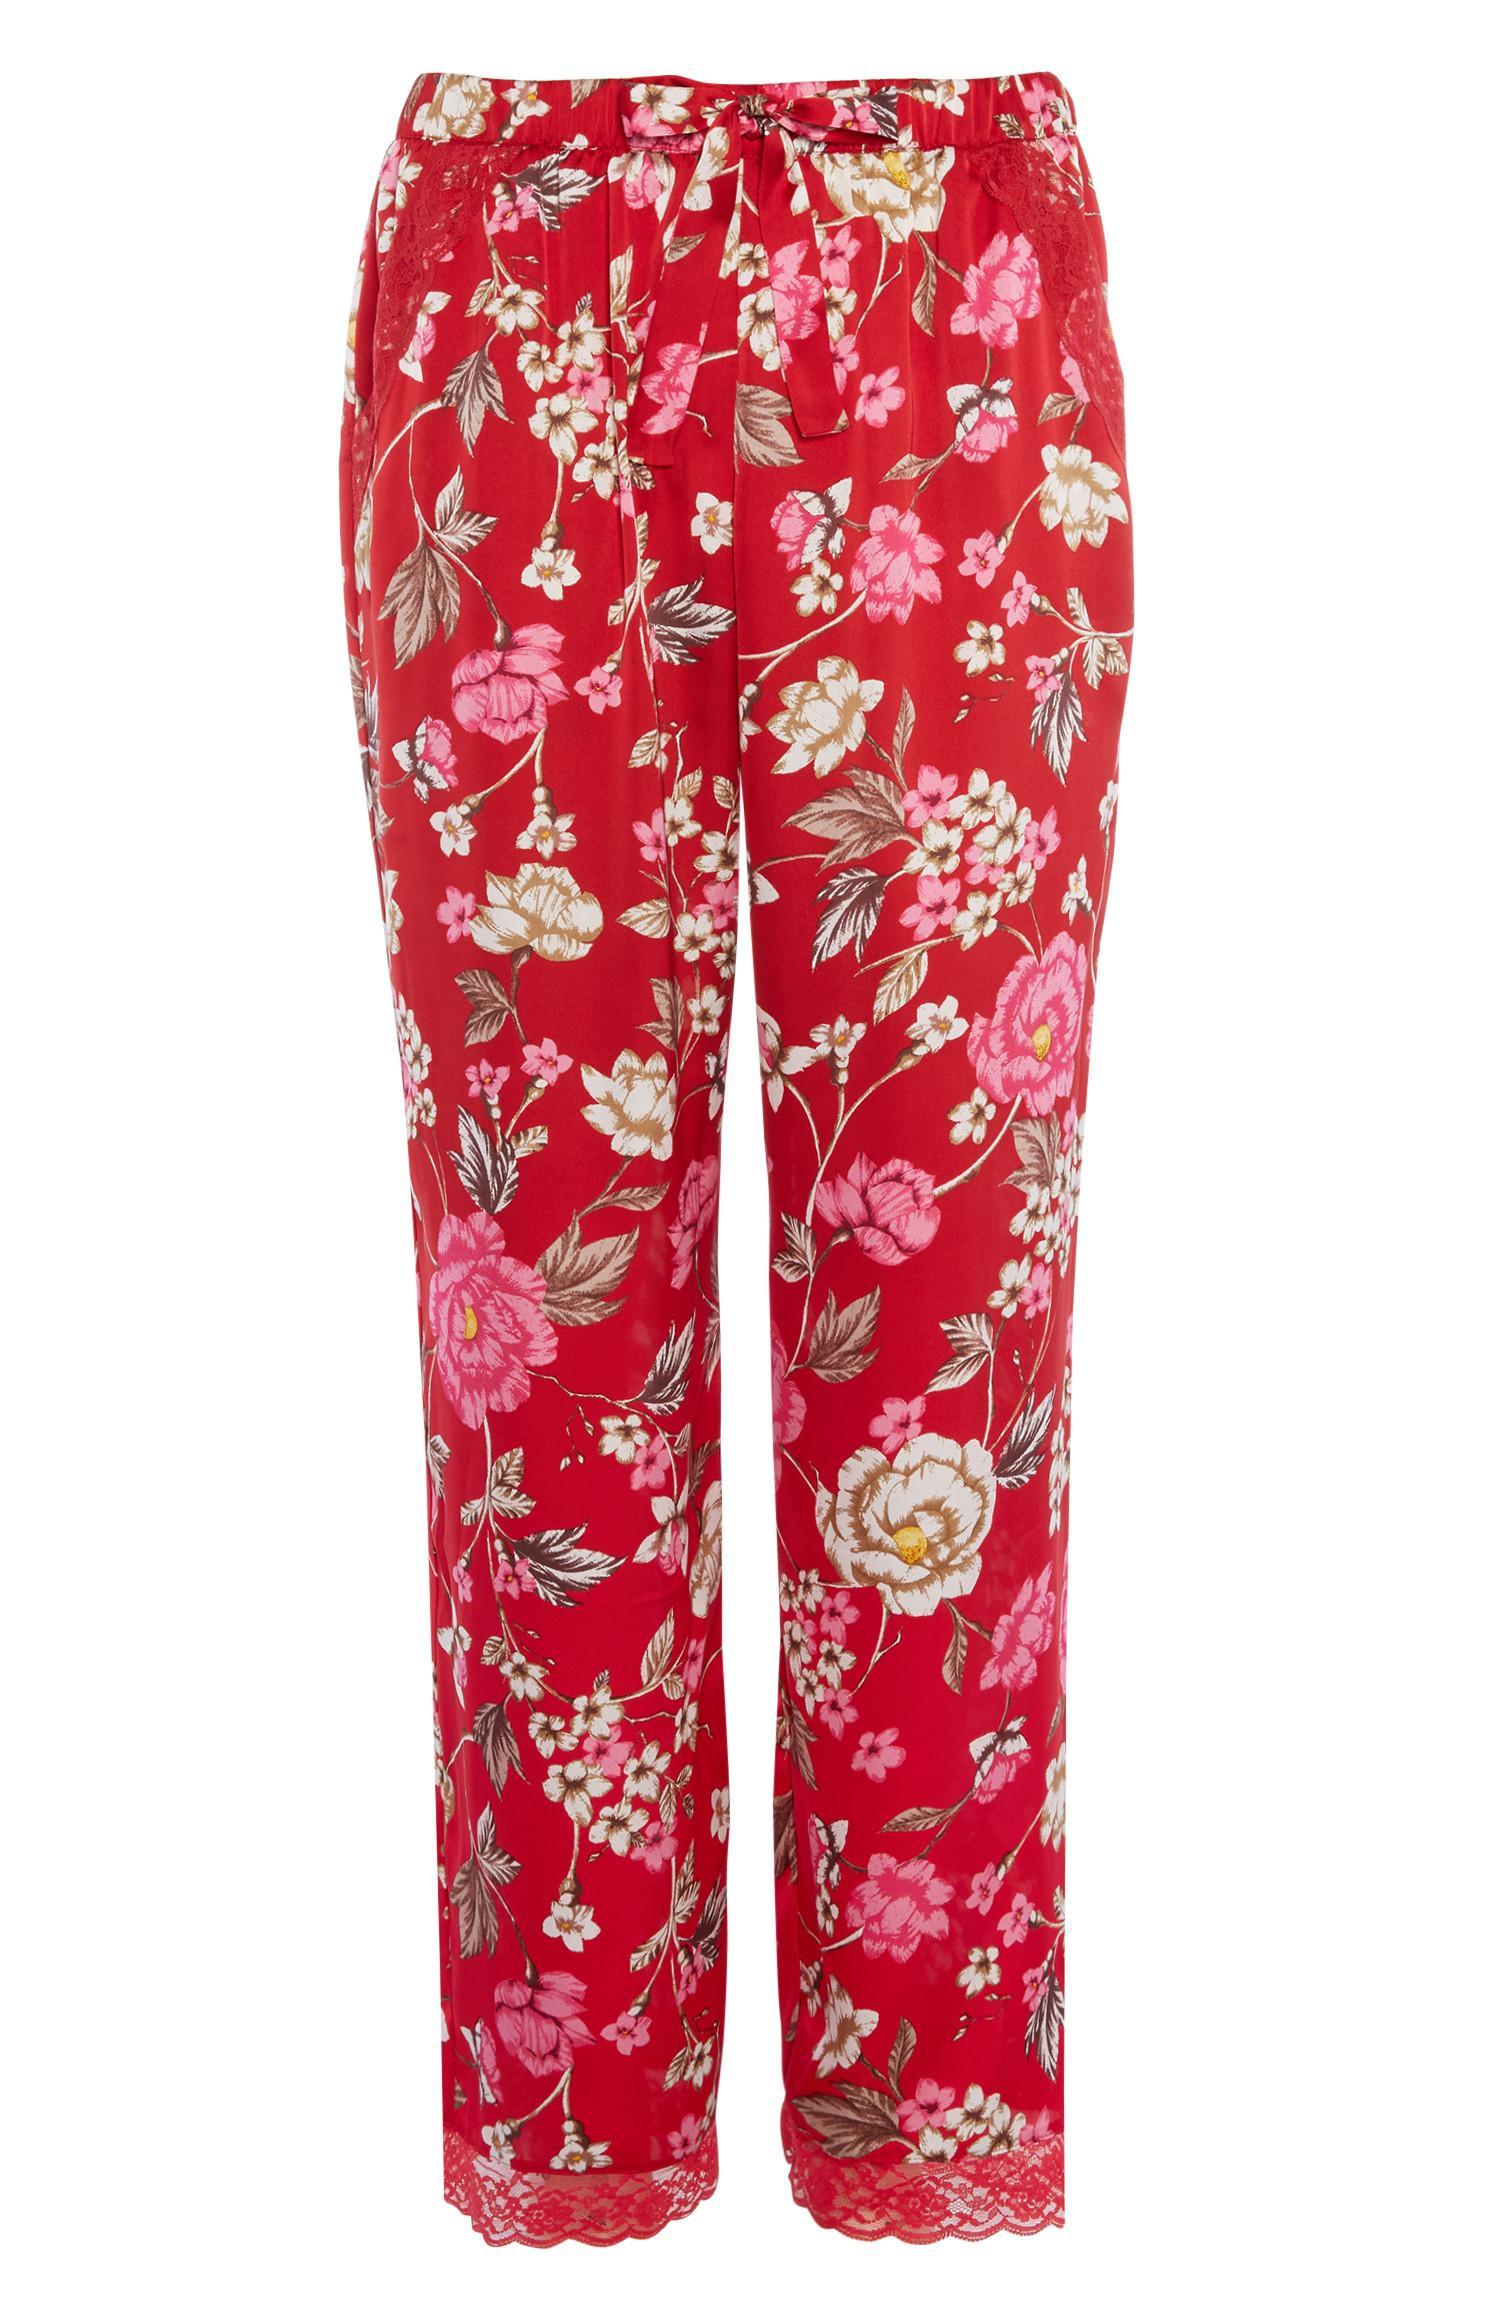 Pantaloni del pigiama rossi a fiori